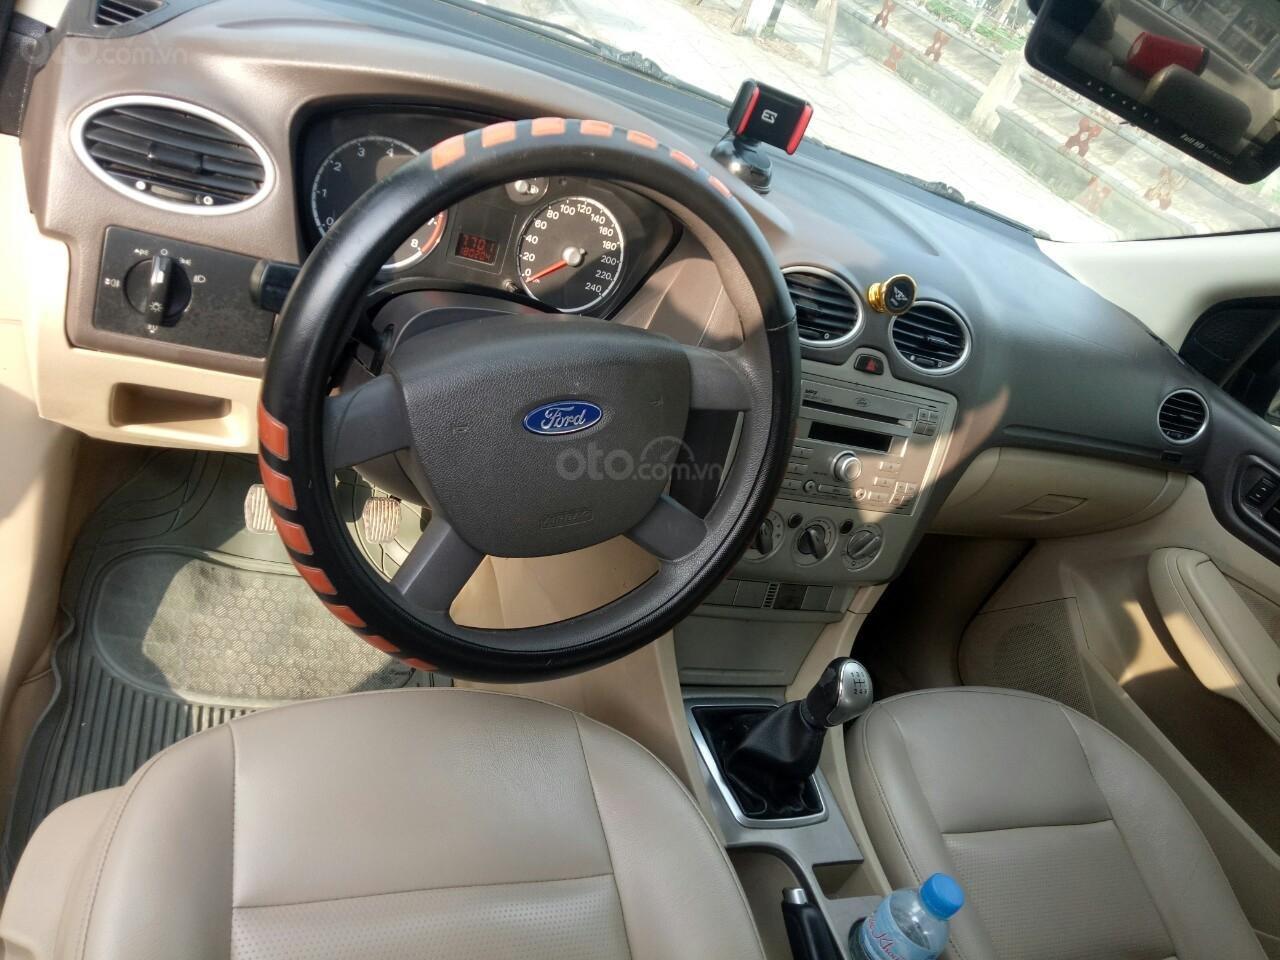 Cần vốn làm ăn cần bán gấp đi Ford Focus 2010, xe gia đình-7